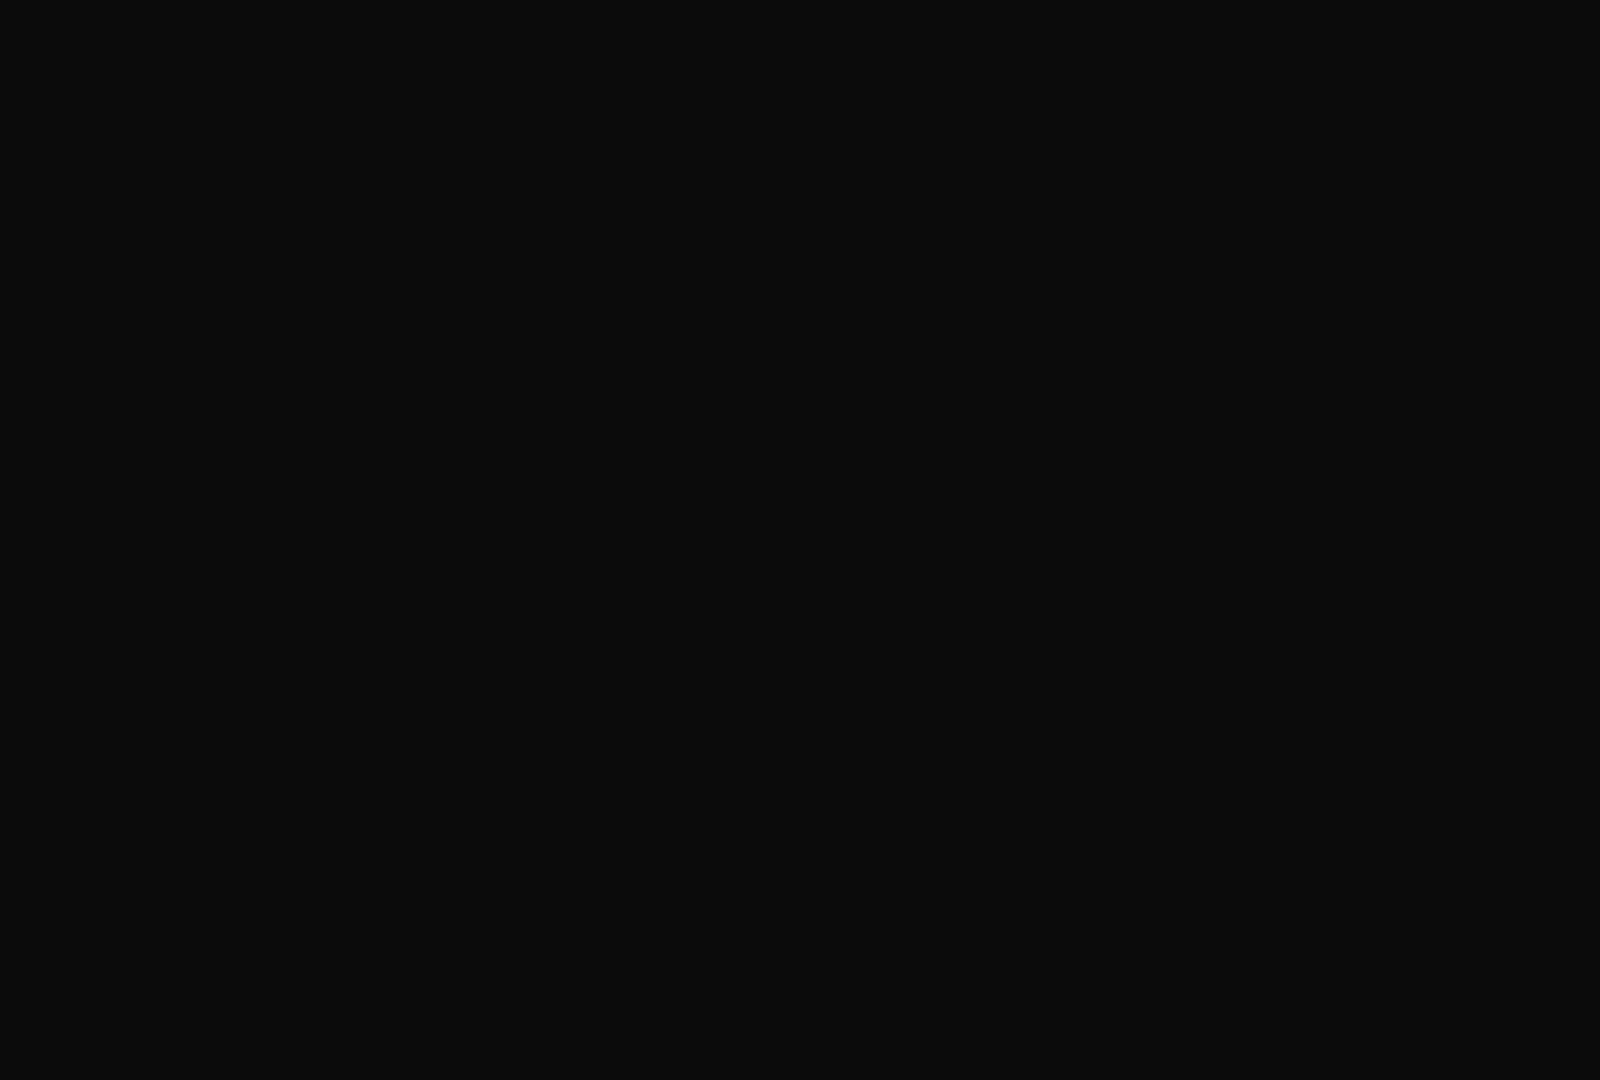 充血監督の深夜の運動会Vol.66 ギャル  101枚 47